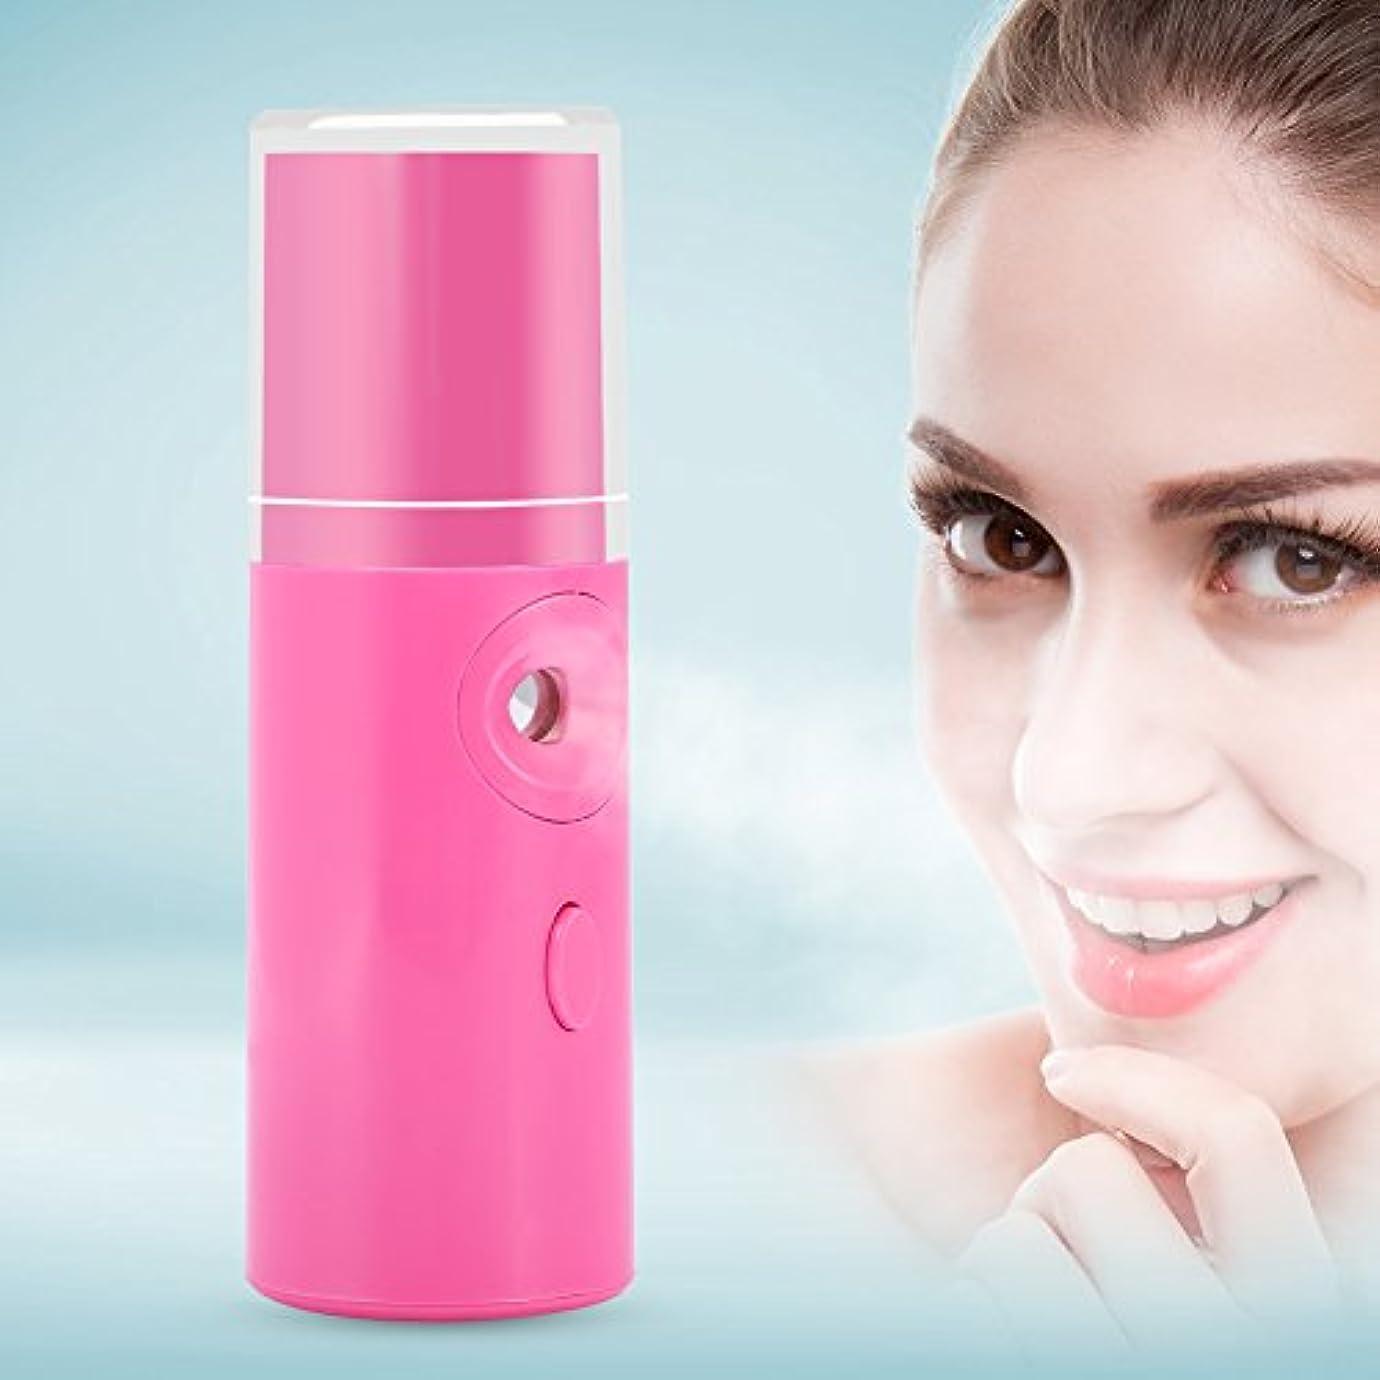 ハンディミスト 補水美顔器 ナノイオンミスト ナノ噴霧式補水 ナノ技術 ドライ肌/オイリー肌に対応 乾燥に対策 補水 美肌 保湿 美肌エステ 携帯式 コンパクト